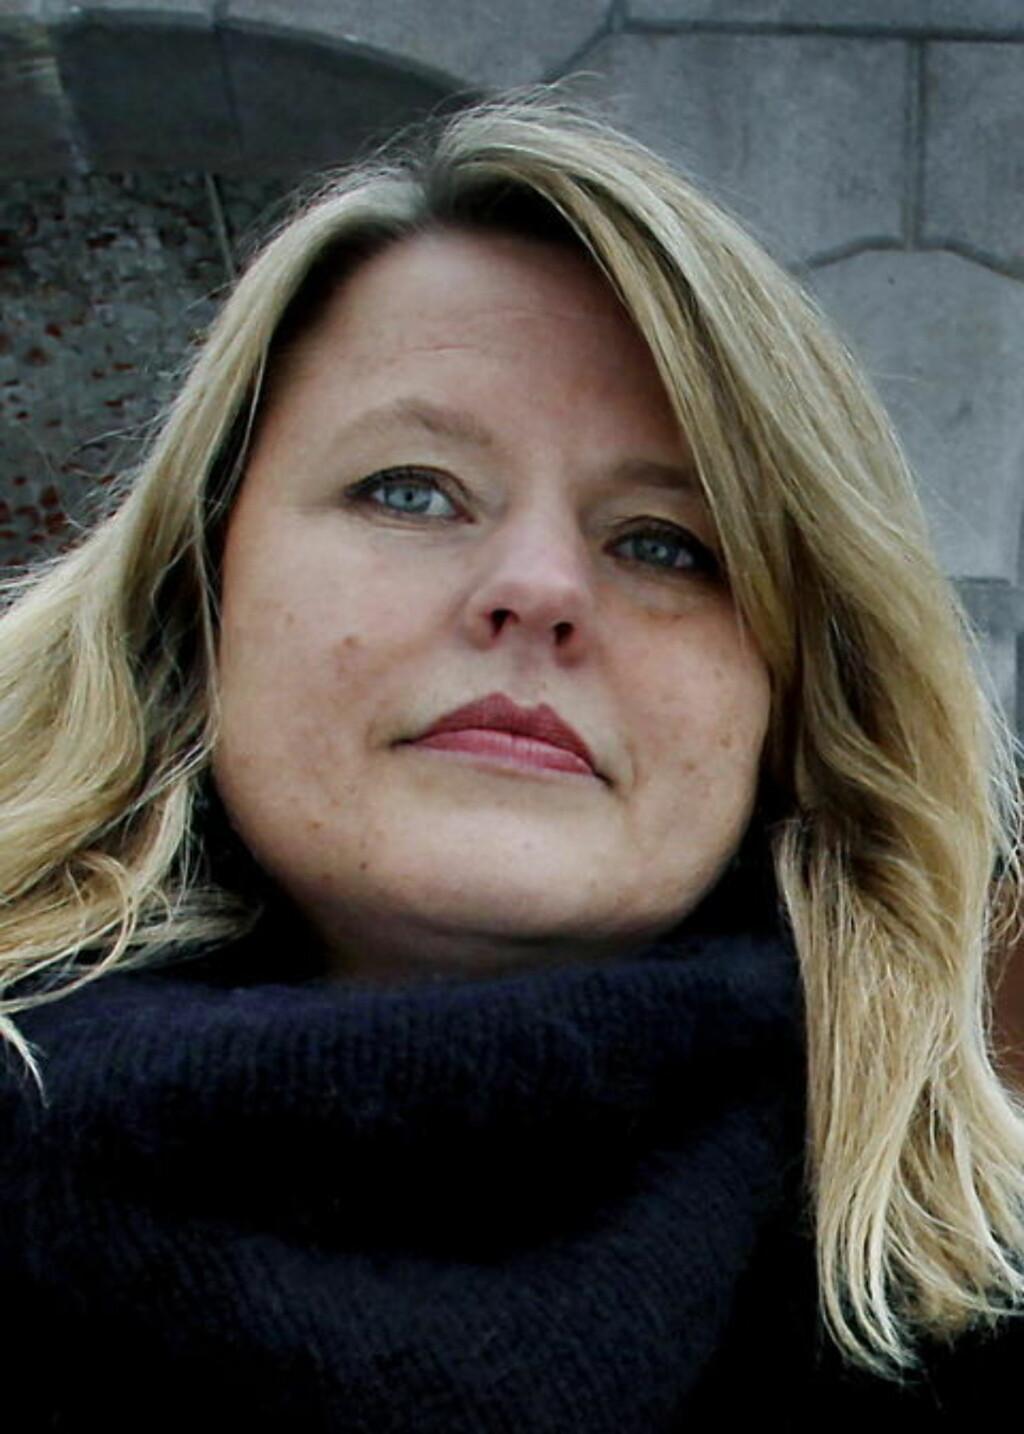 - LEGGER SKYLDA PÅ UNGDOMMER: Leder for Antirasistisk senter, Kari Helene Partapuoli, mener utelivsbransjen legger skylda på ungdommer for sine egne holdninger. Foto: Jacques Hvistendahl / Dagbladet